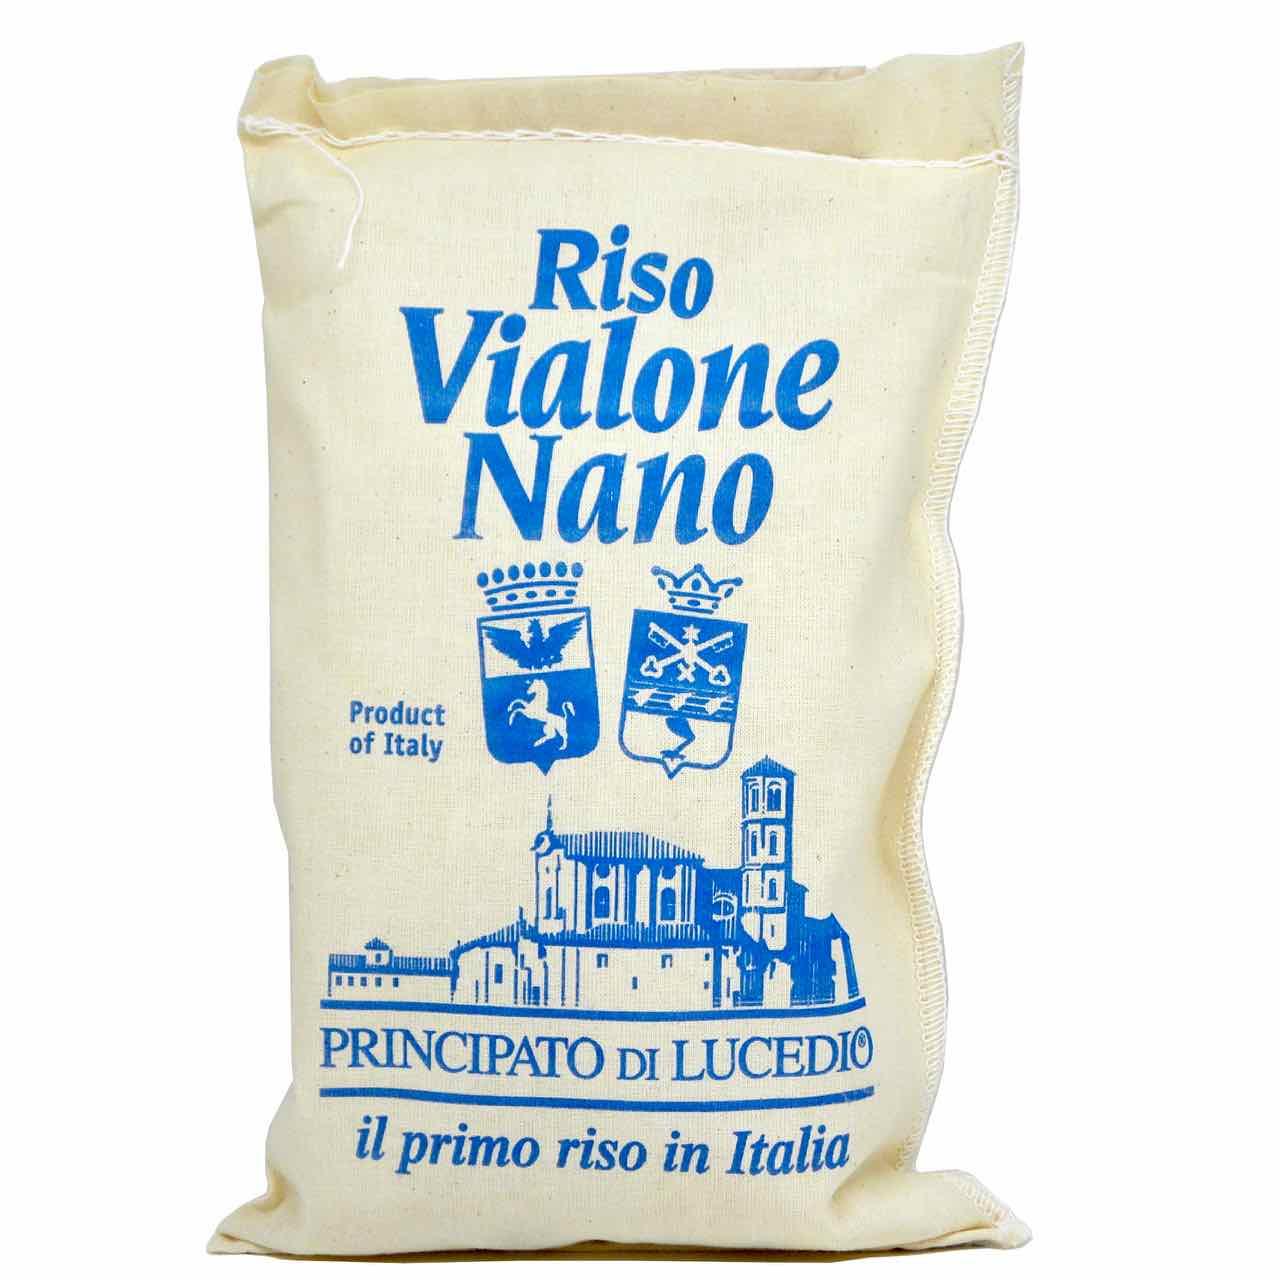 riso Vialone Nano – Principato di Lucedio – Gustorotondo online shop – i migliori cibi online – vendita online dei migliori cibi italiani artigianali